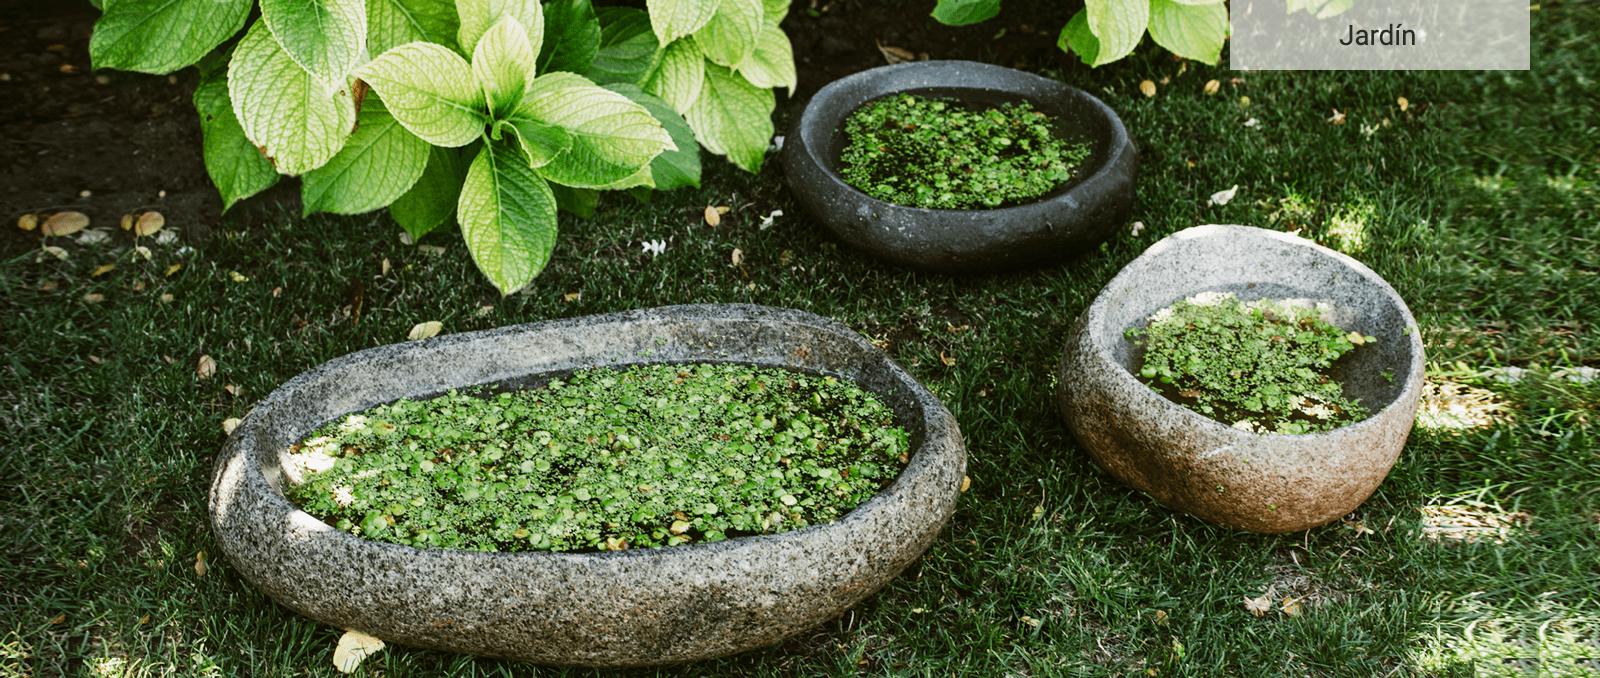 9sept-Kuyen-Jardin